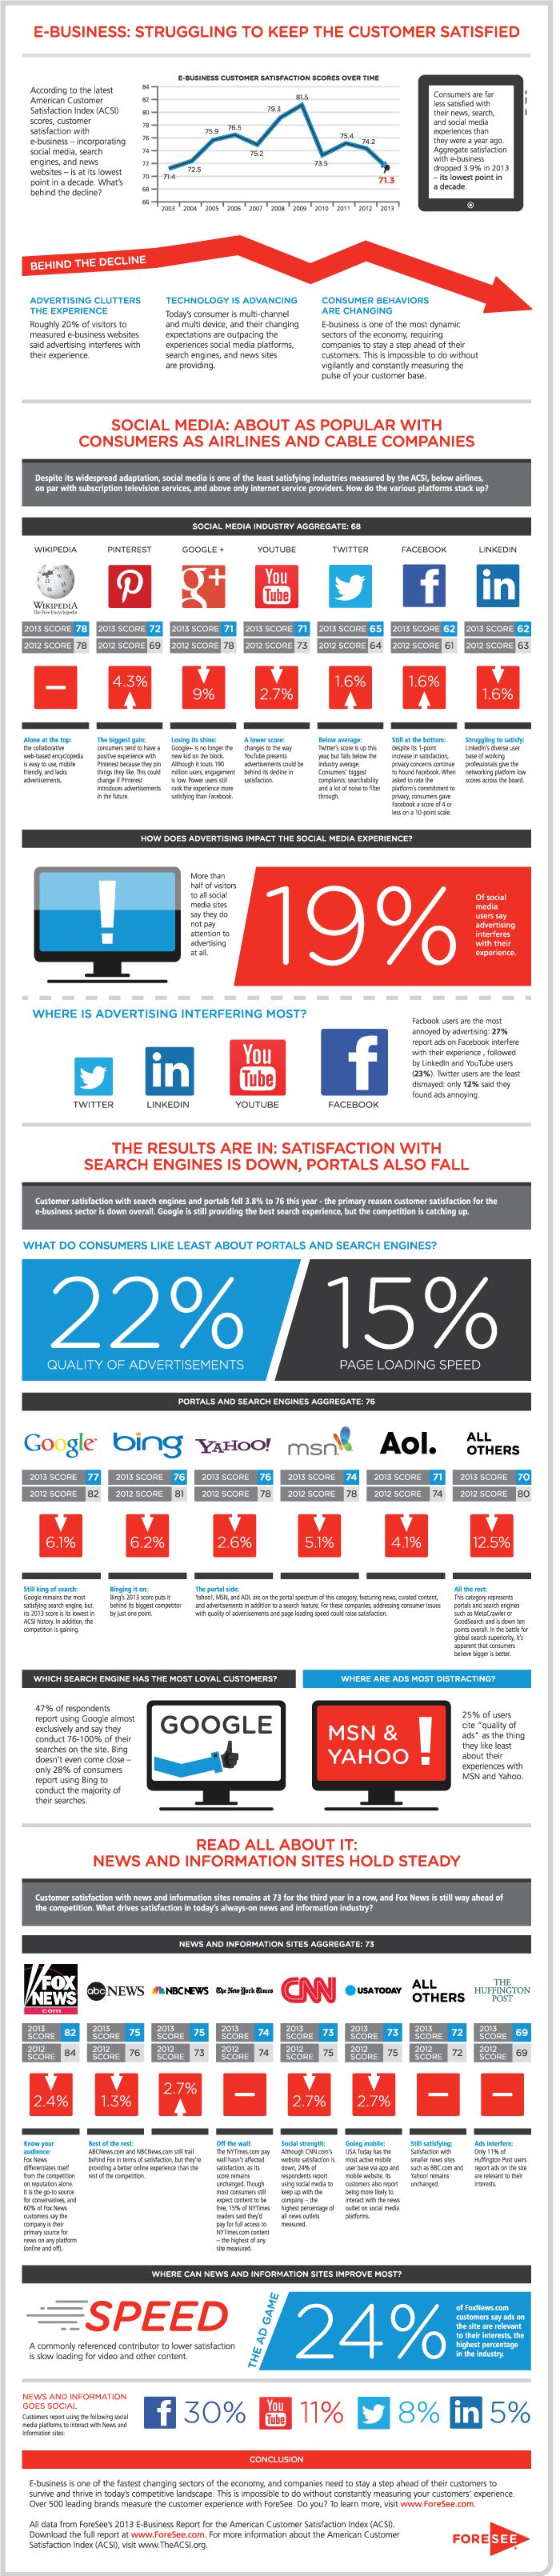 cote réseaux sociaux en baisse